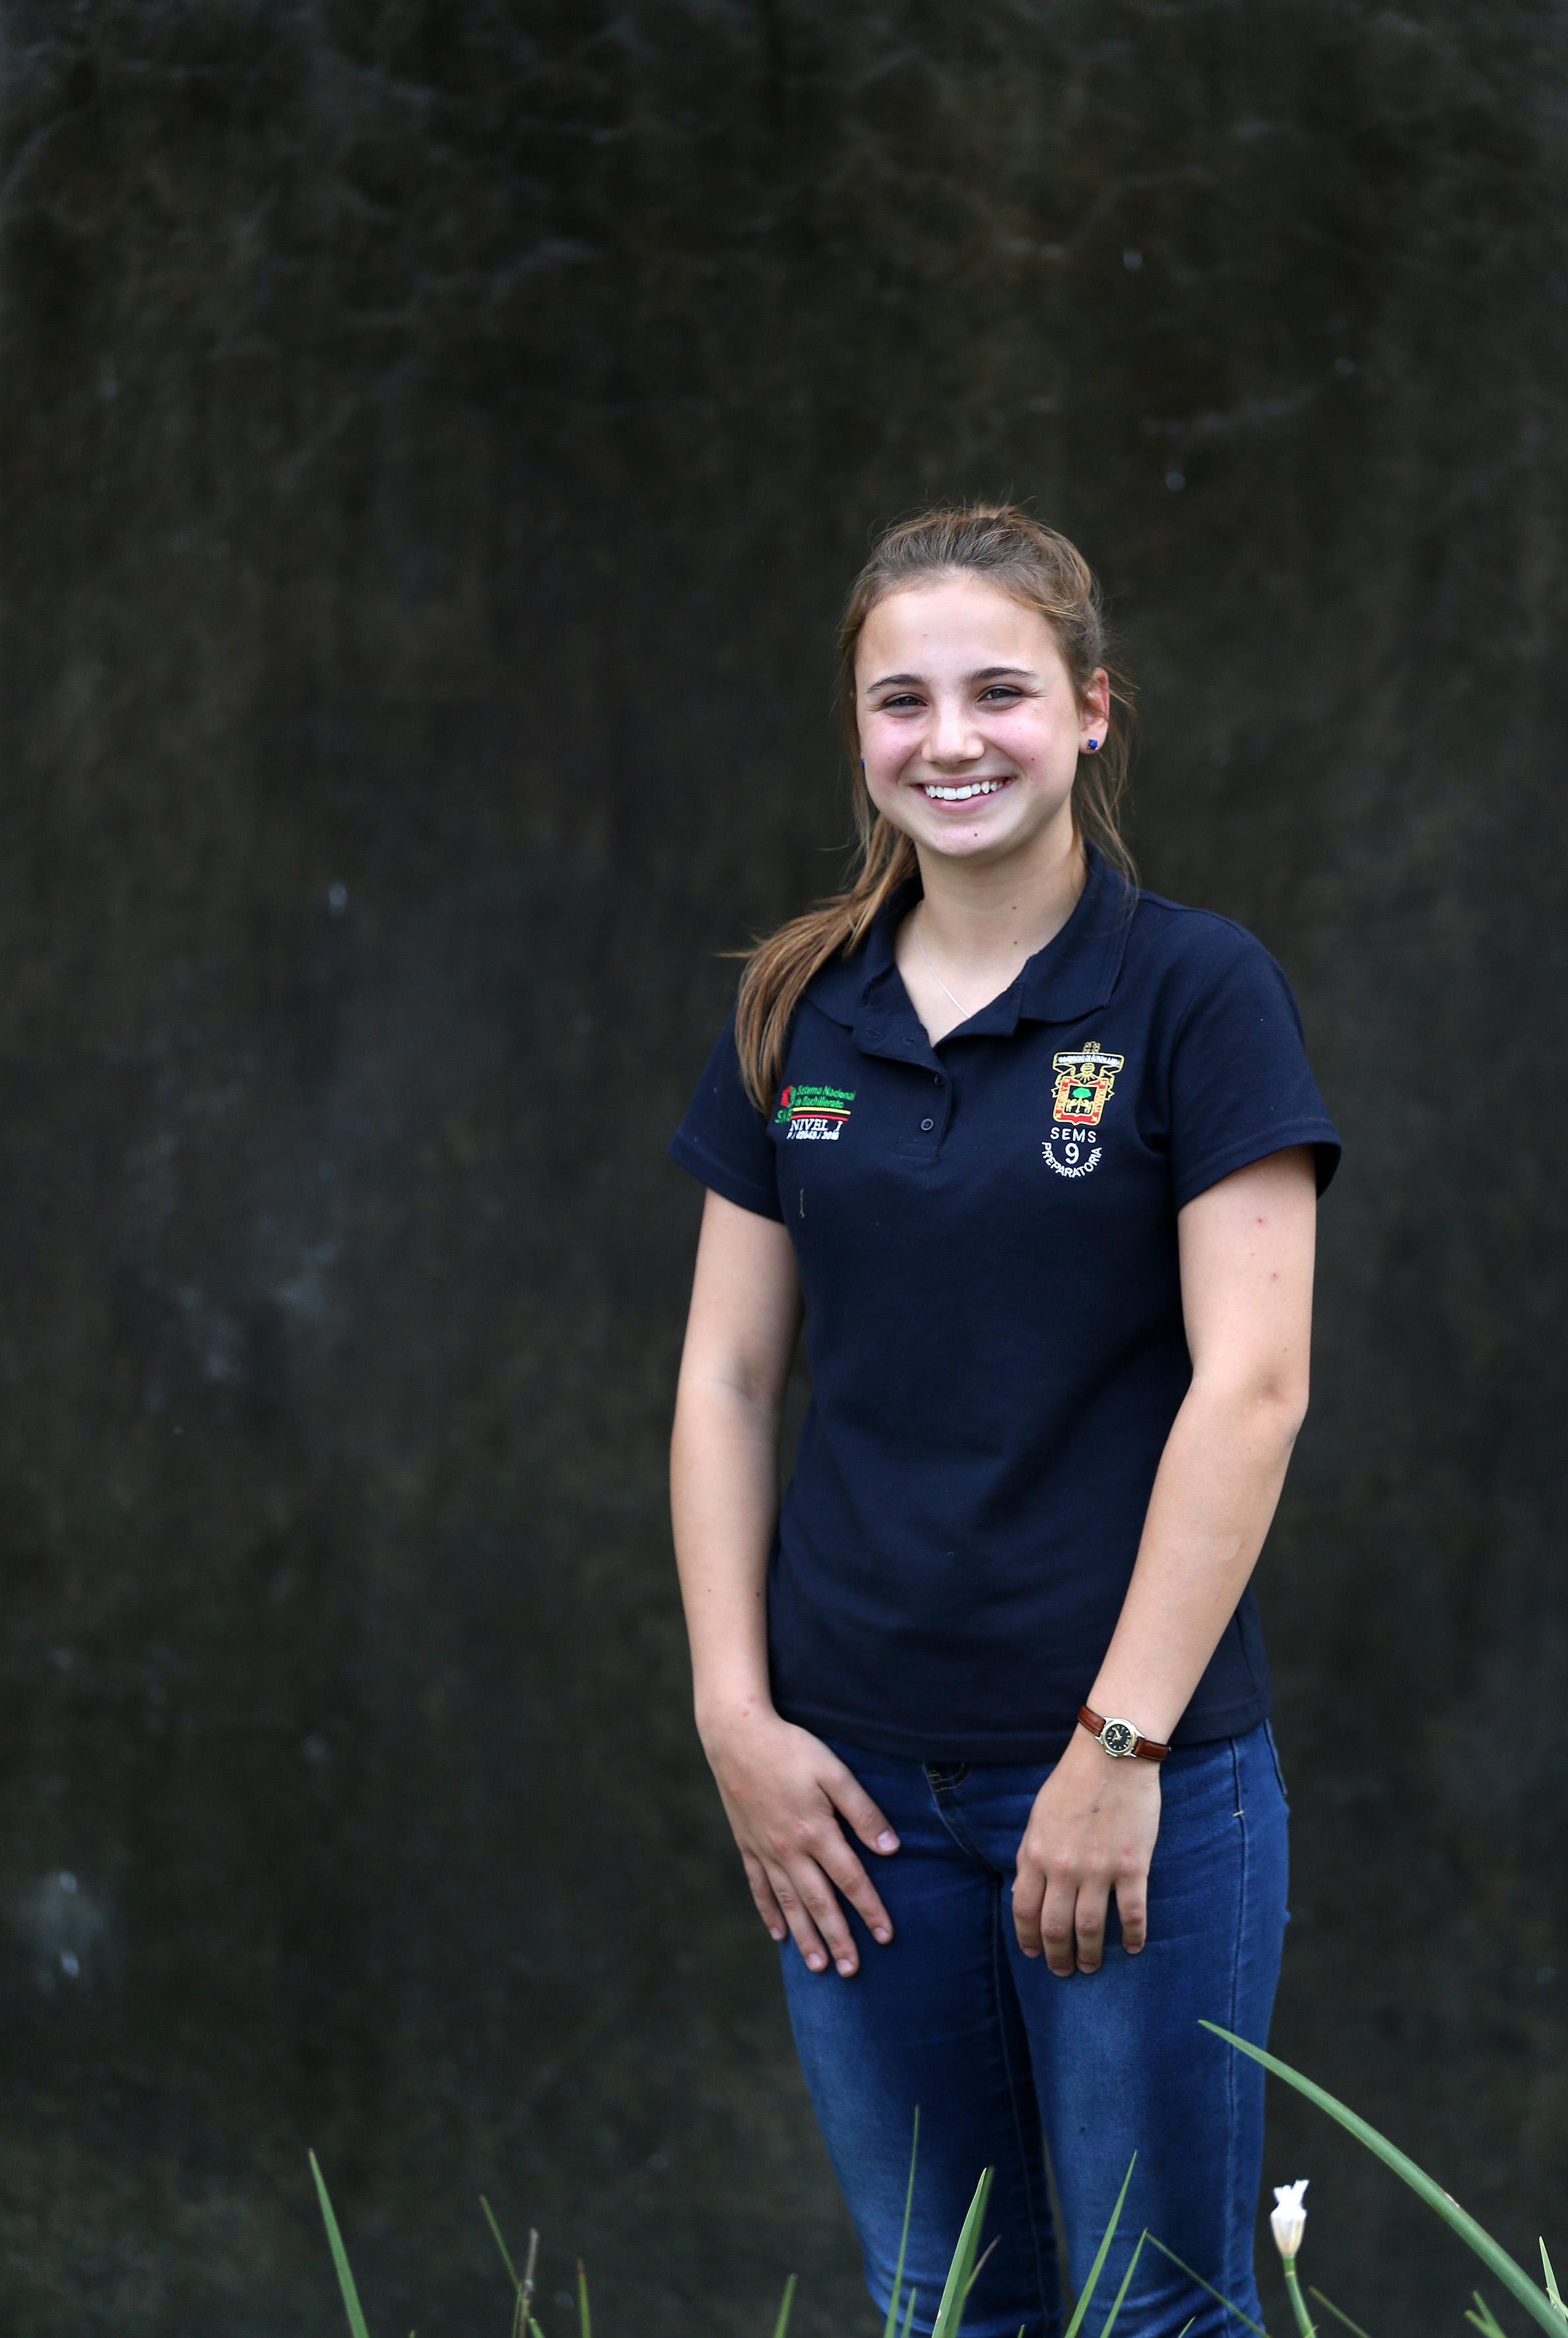 """Elisé Labrecque es alumna en Le Juvénat Notre-Dame, y eligió venir a Guadalajara porque siente amor por México debido a la calidez y la amabilidad de la gente, así como el idioma español, pese a ser una lengua """"un poco difícil""""."""